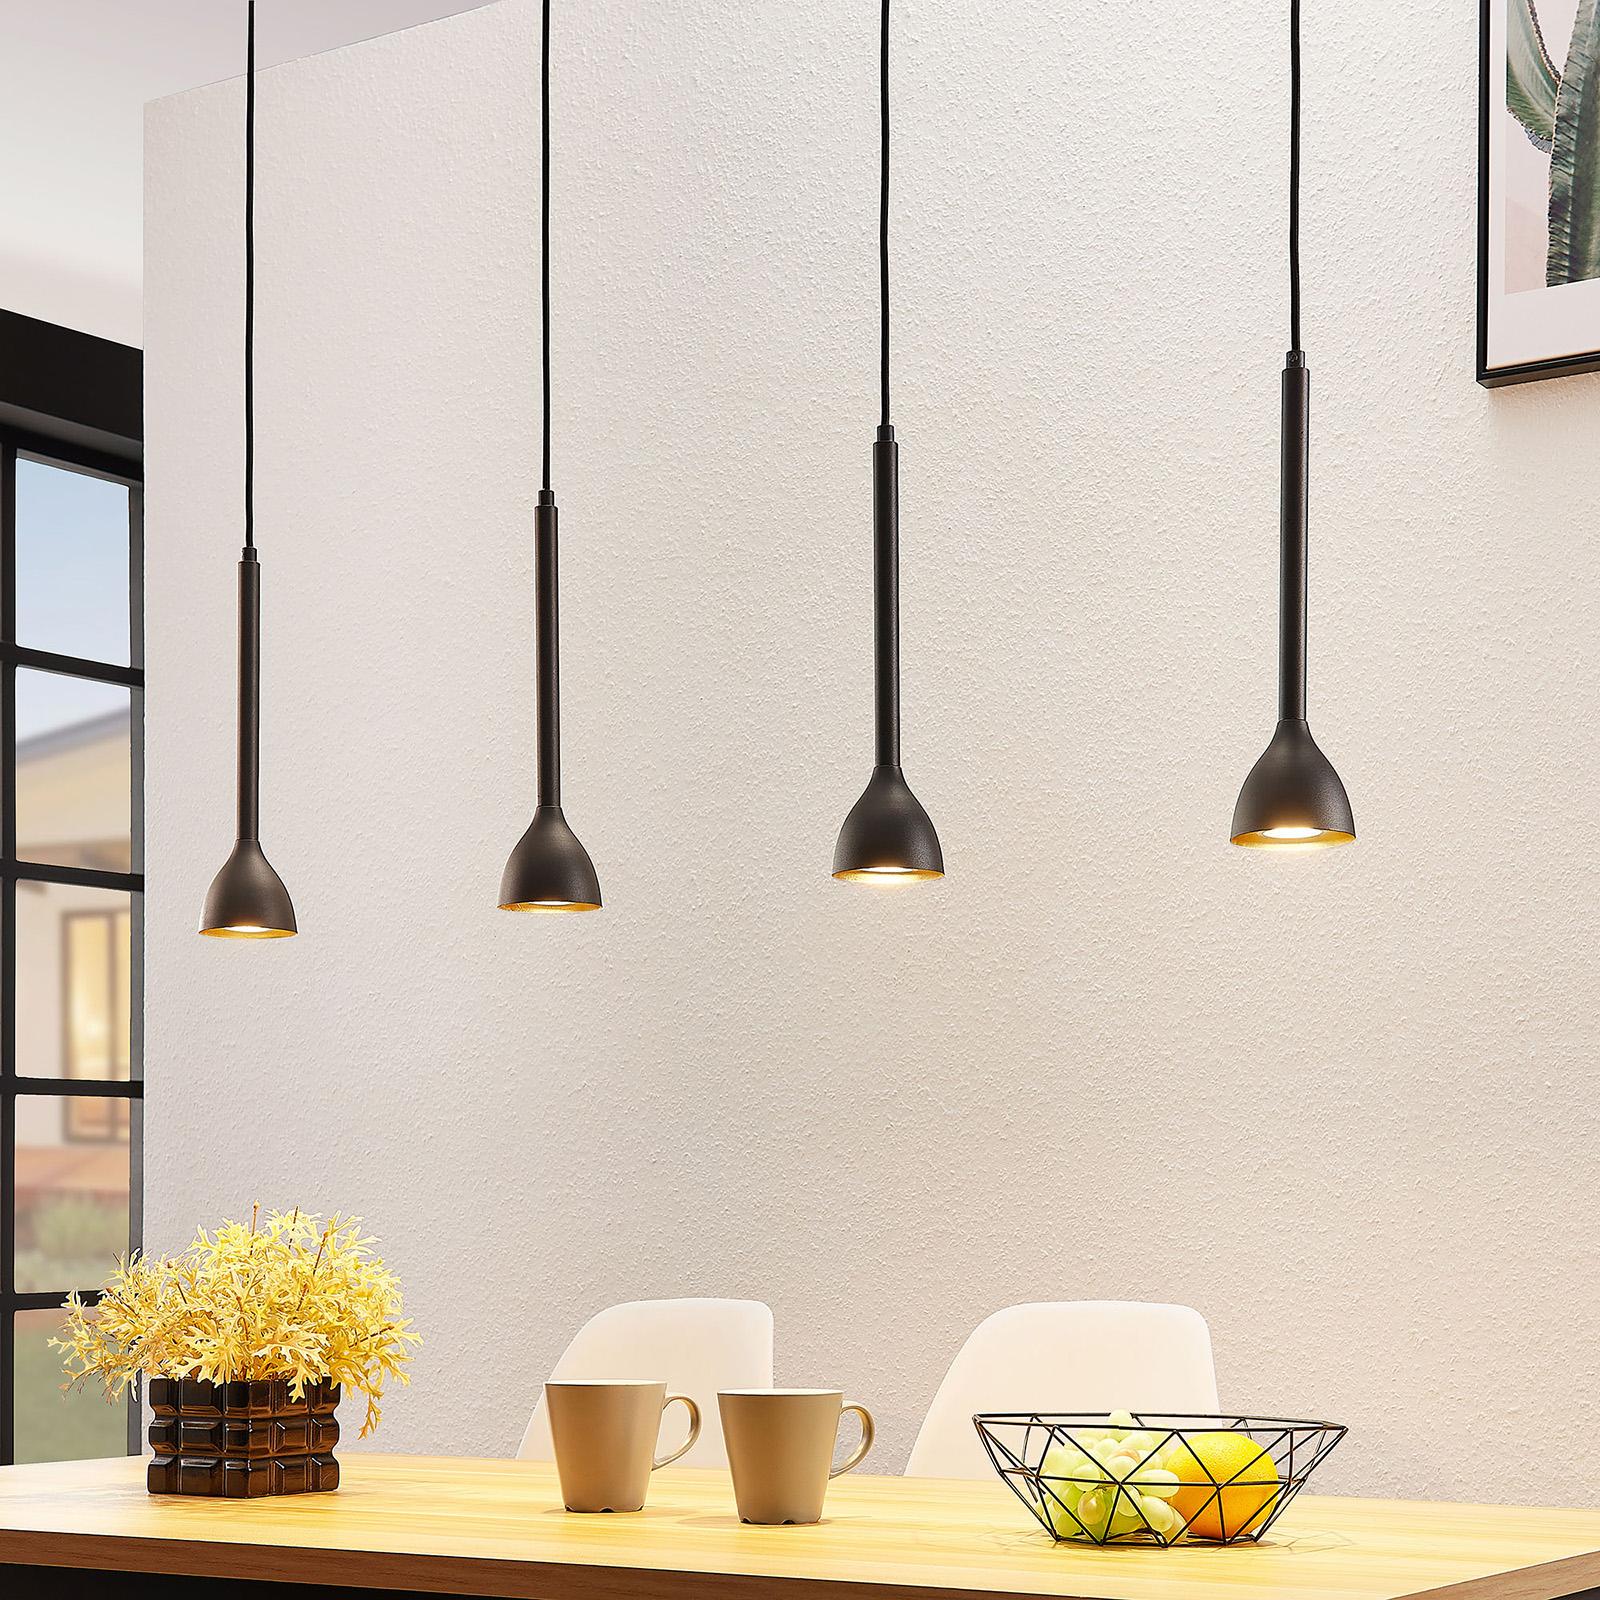 Hængelampe Nordwin, 4 lyskilder, sort/guld